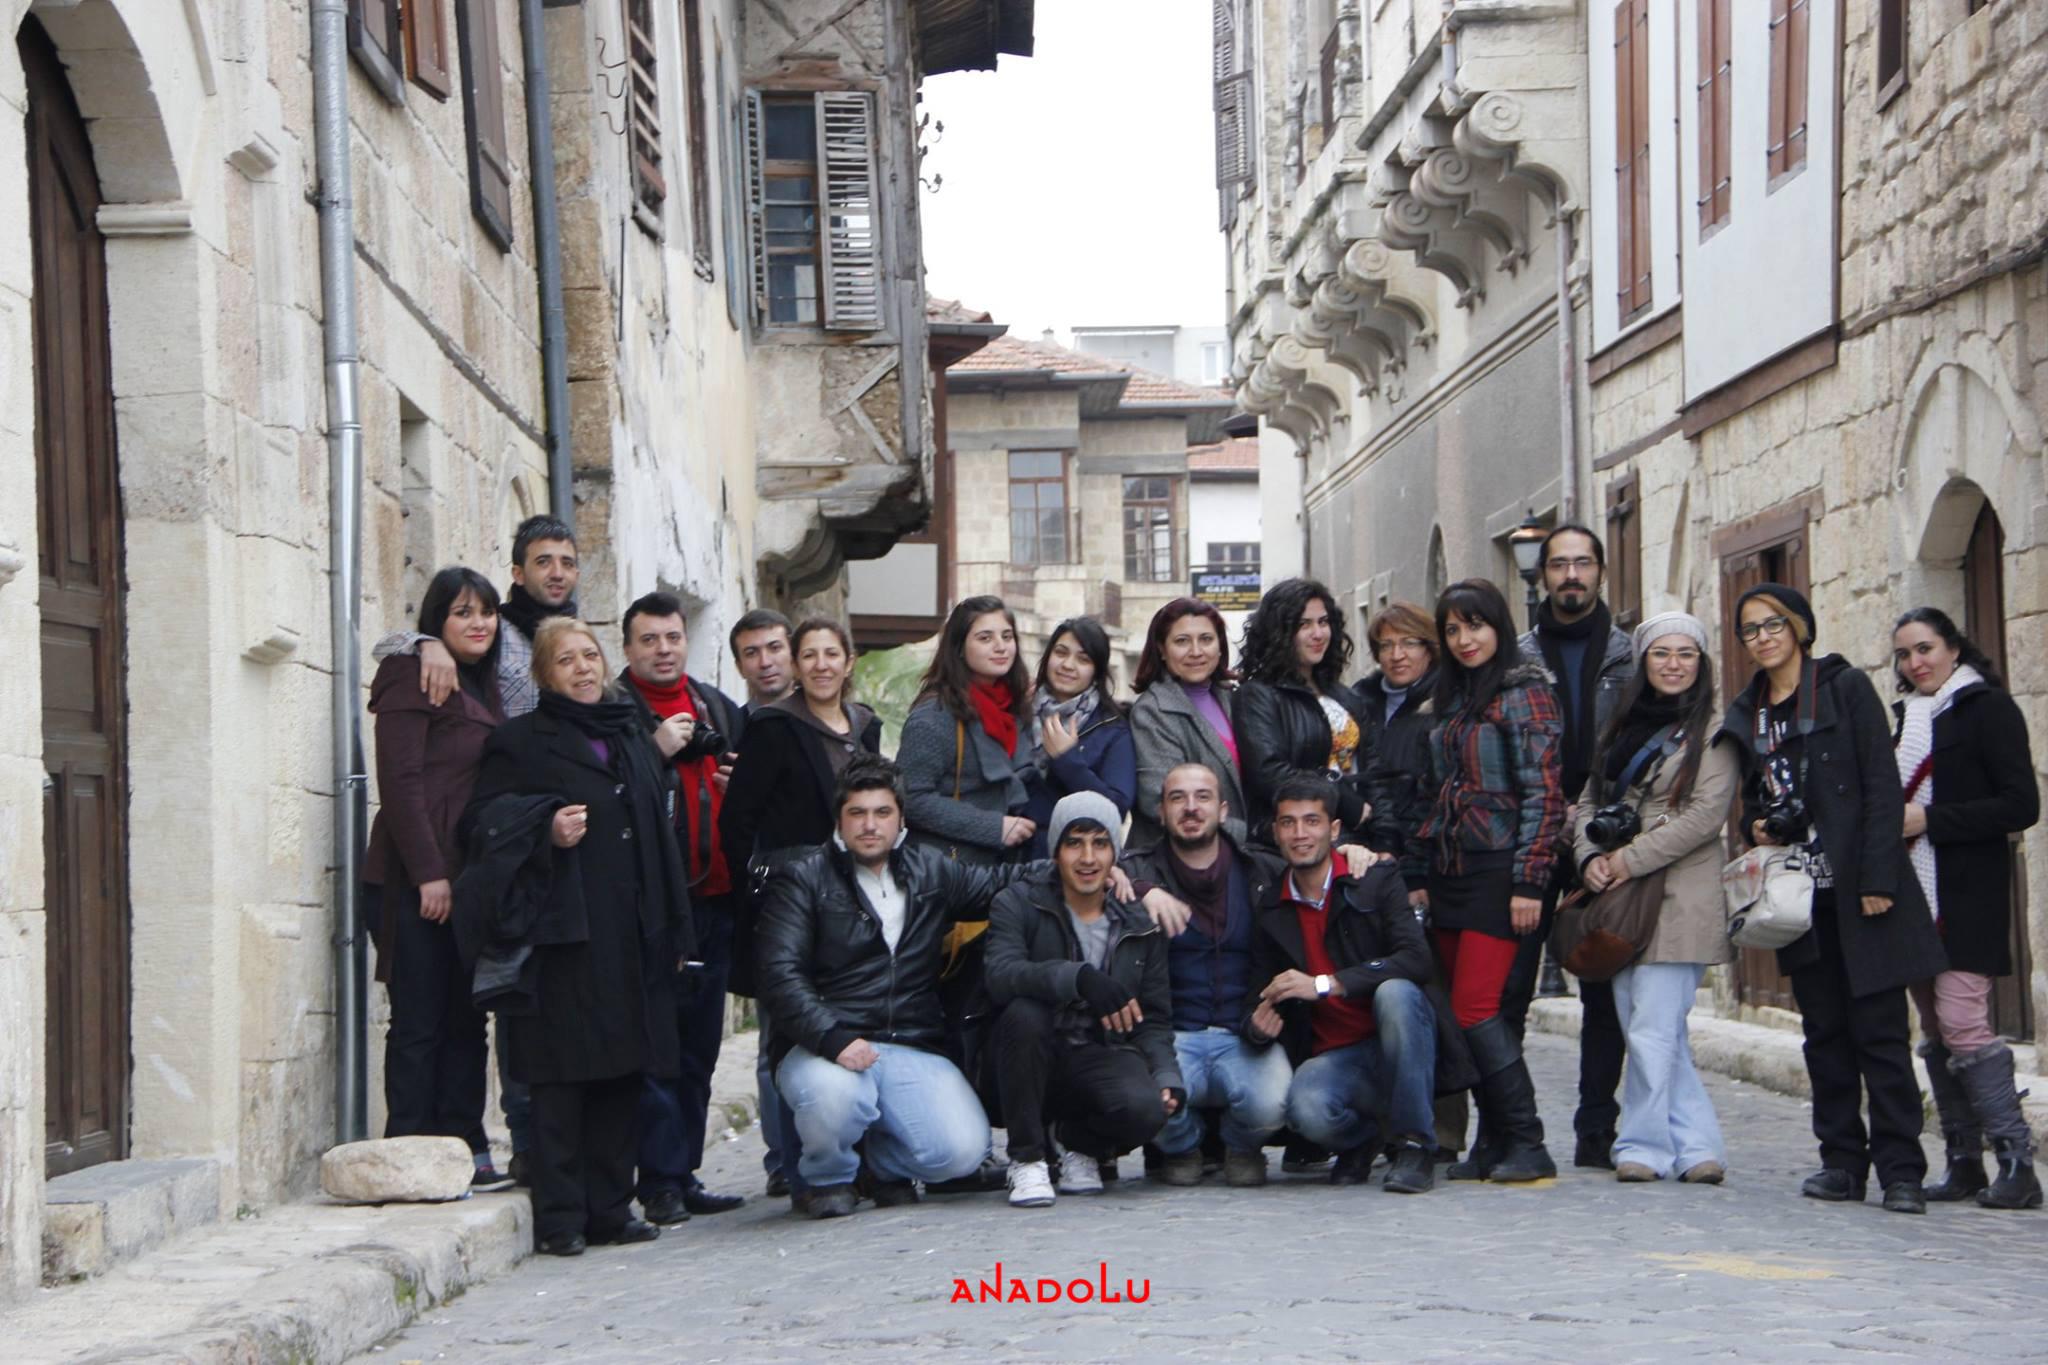 Anadolu Güzel Sanatlar Fotoğraf Gezileri Gaziantepda